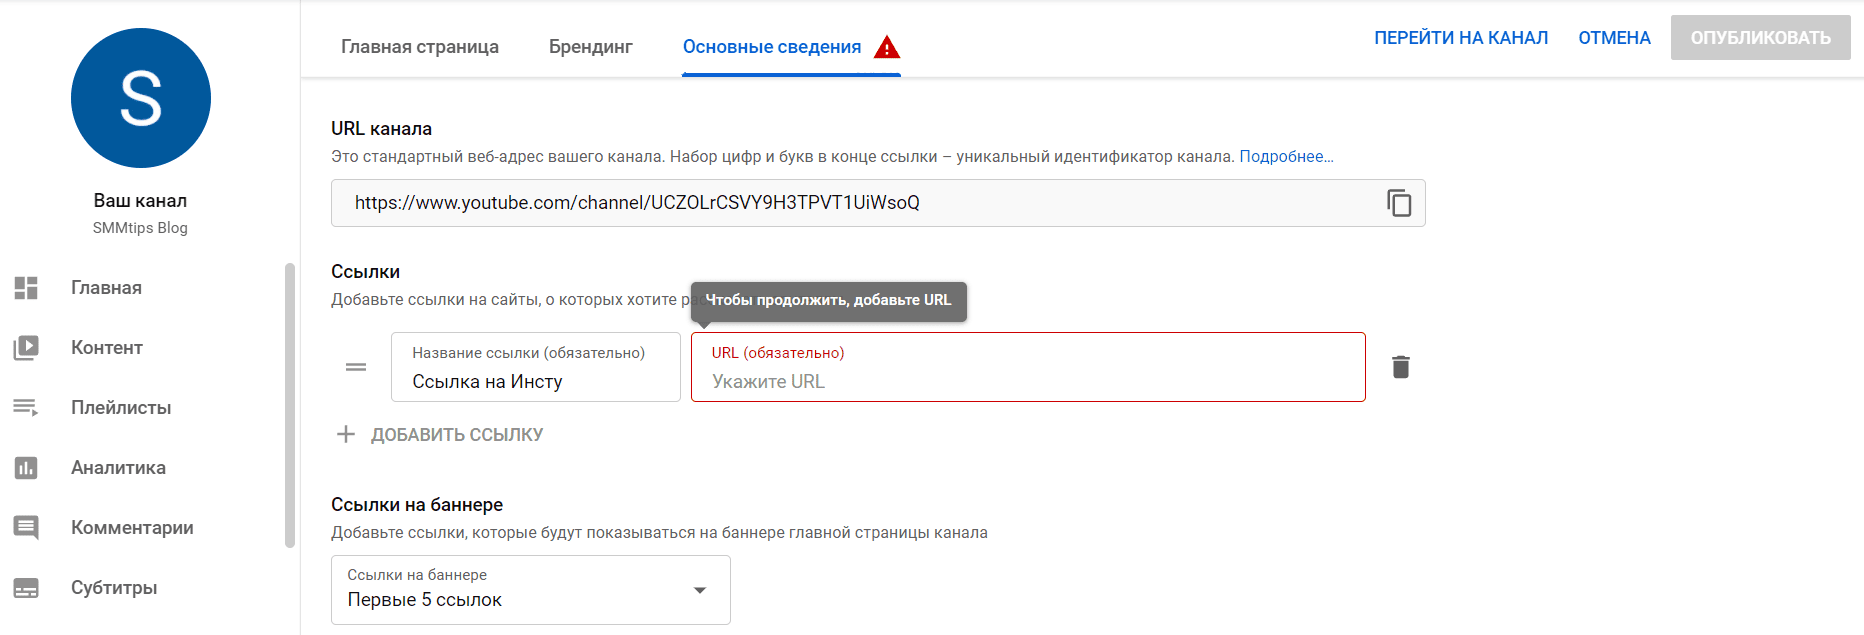 Добавляем ссылки на YT-канал